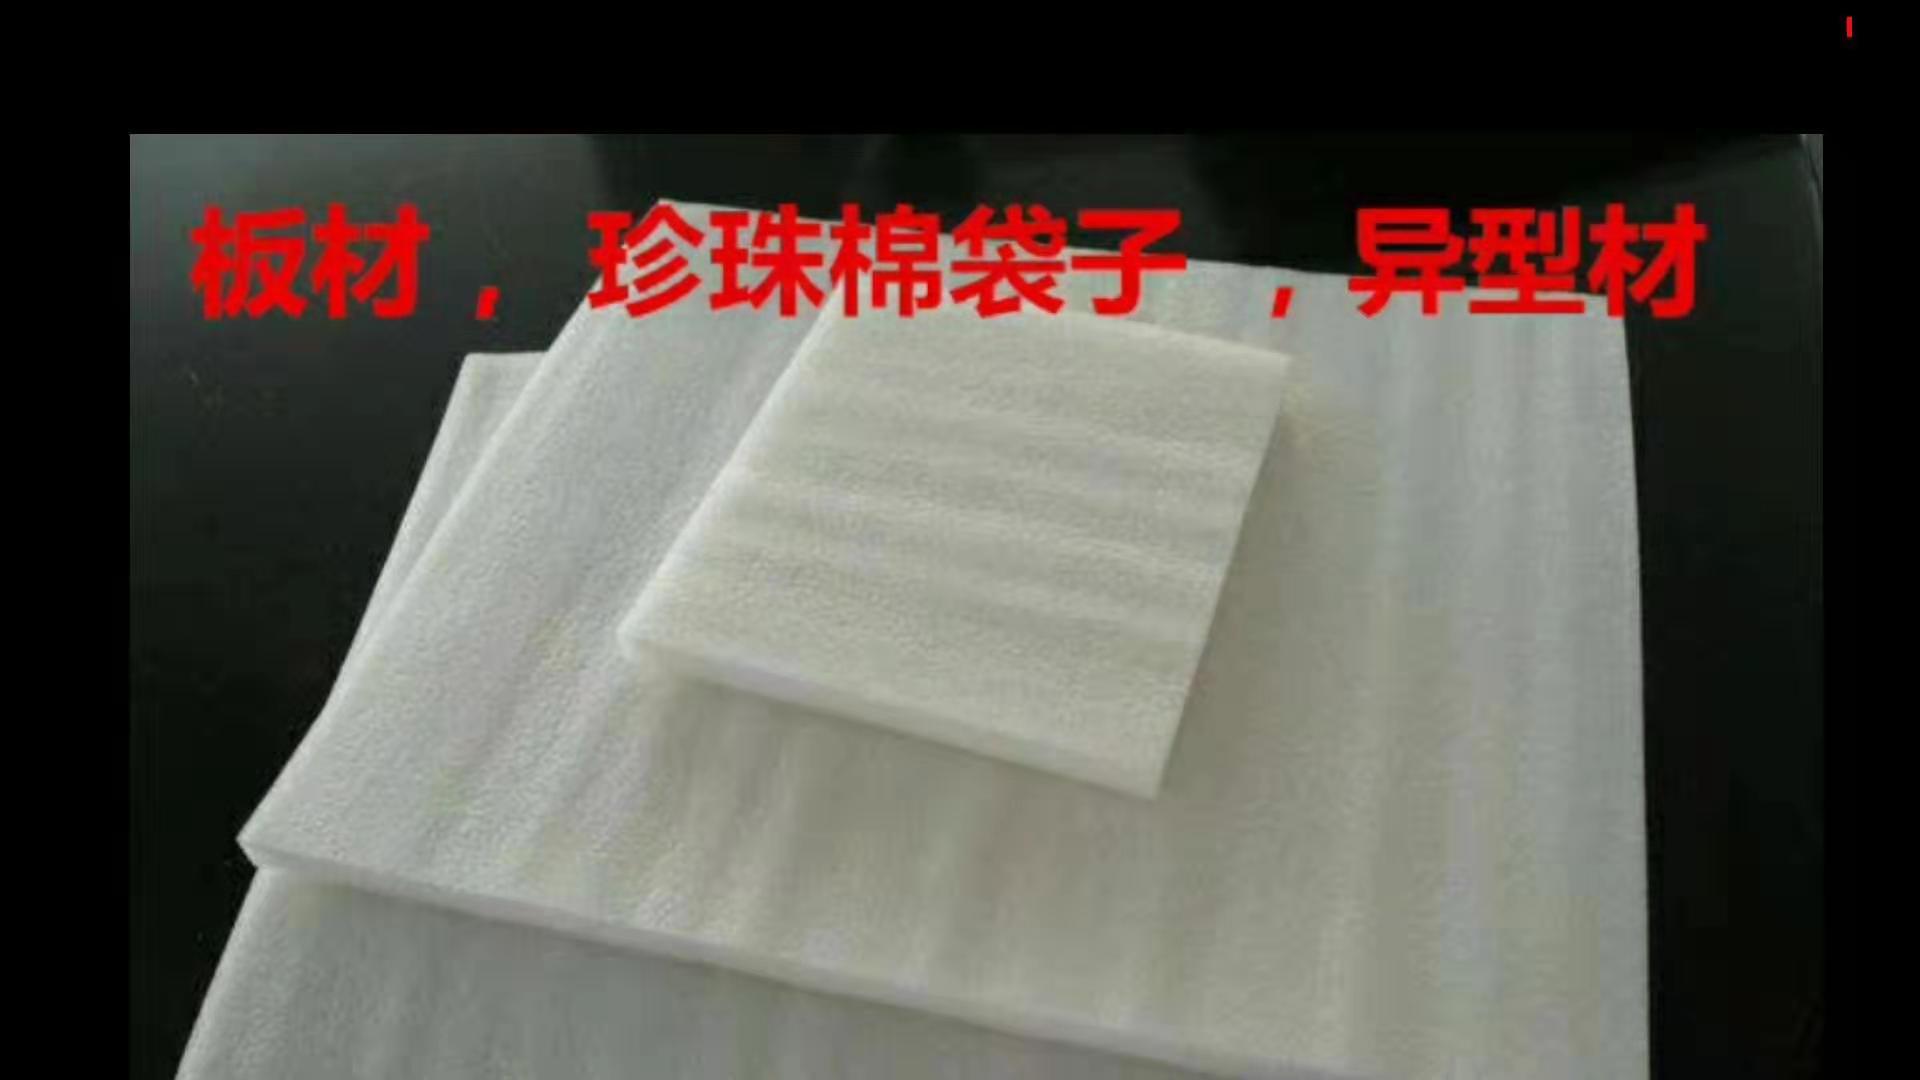 珍珠棉和隔音棉的差别  广东珍珠棉生产厂家 珍珠棉和隔音棉的差别